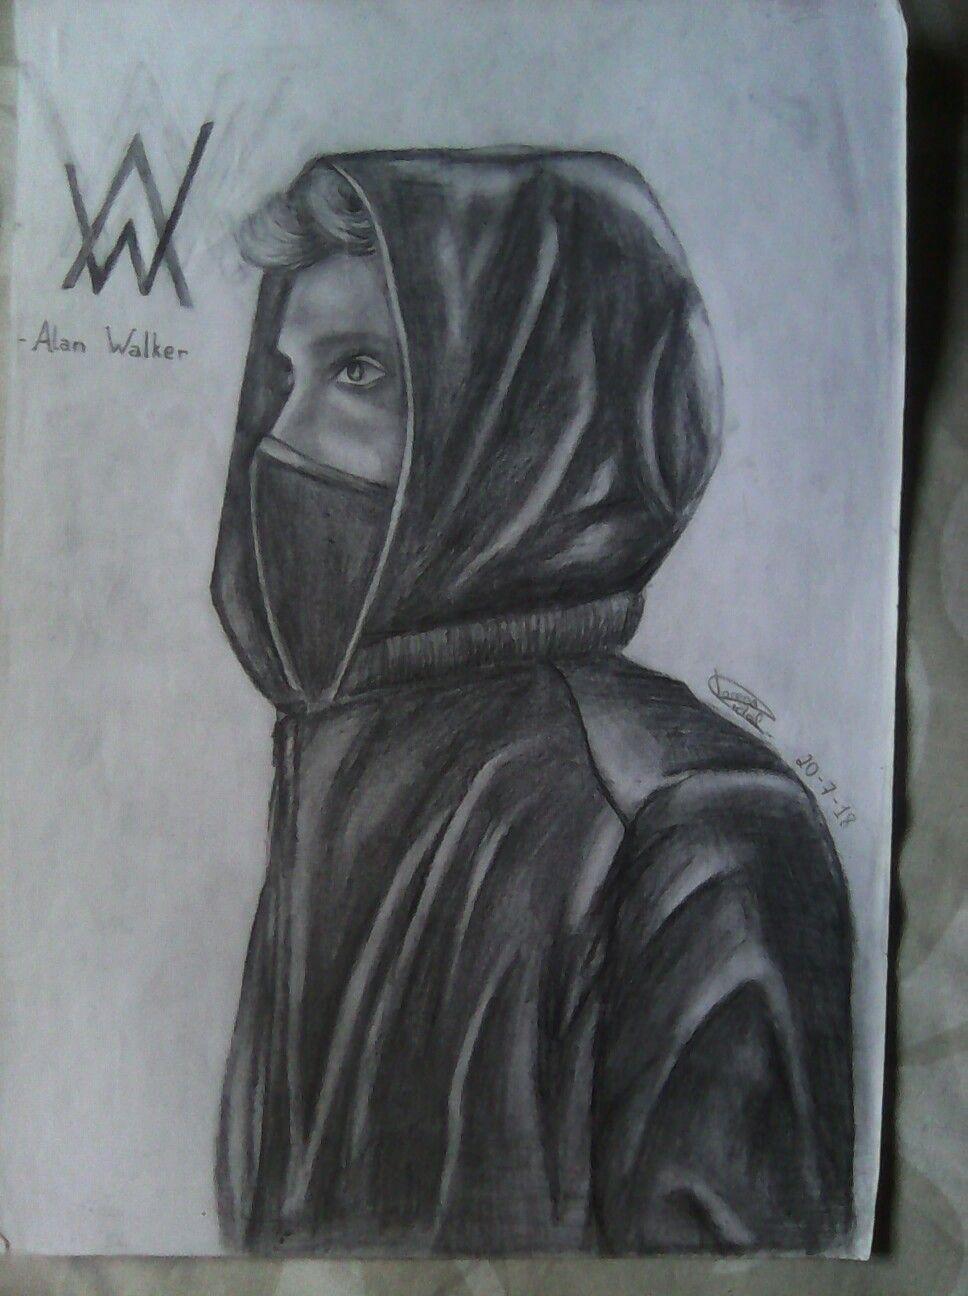 Dibujo a lápiz de Alan Walker | Alan walker, Art, Mola